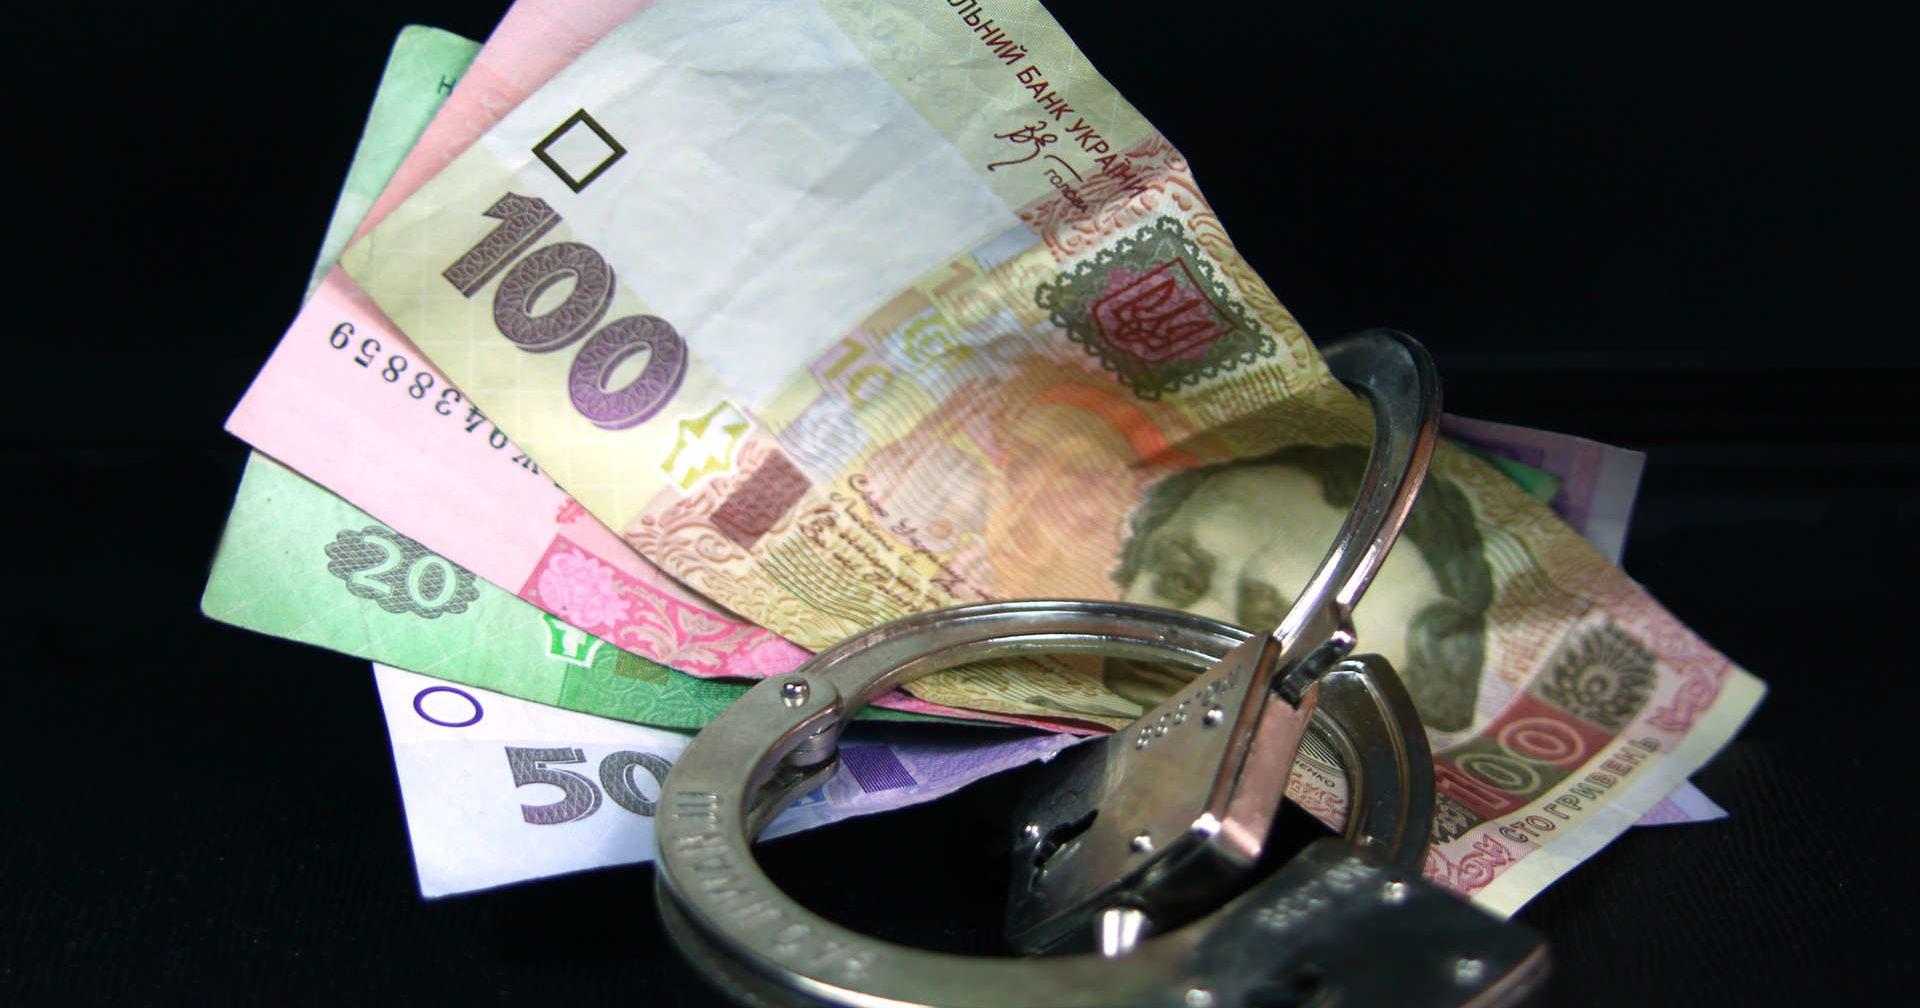 Директор школы в Днепре присвоил 100 тысяч бюджета